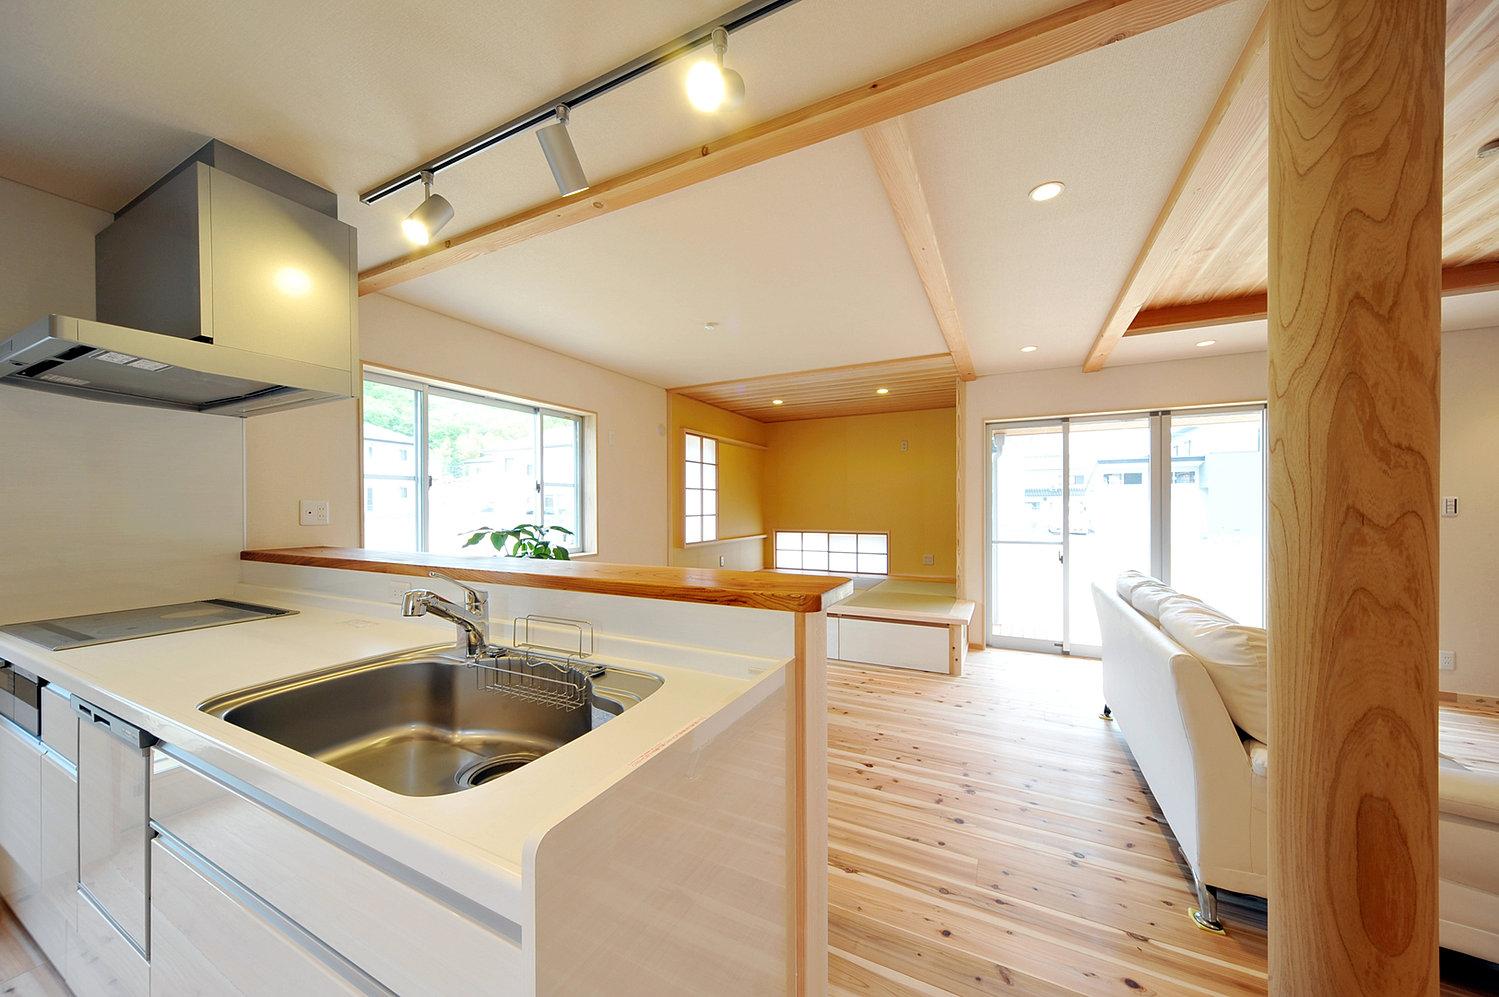 meubl s de tourisme professionnels tourisme brest terres oc anes. Black Bedroom Furniture Sets. Home Design Ideas